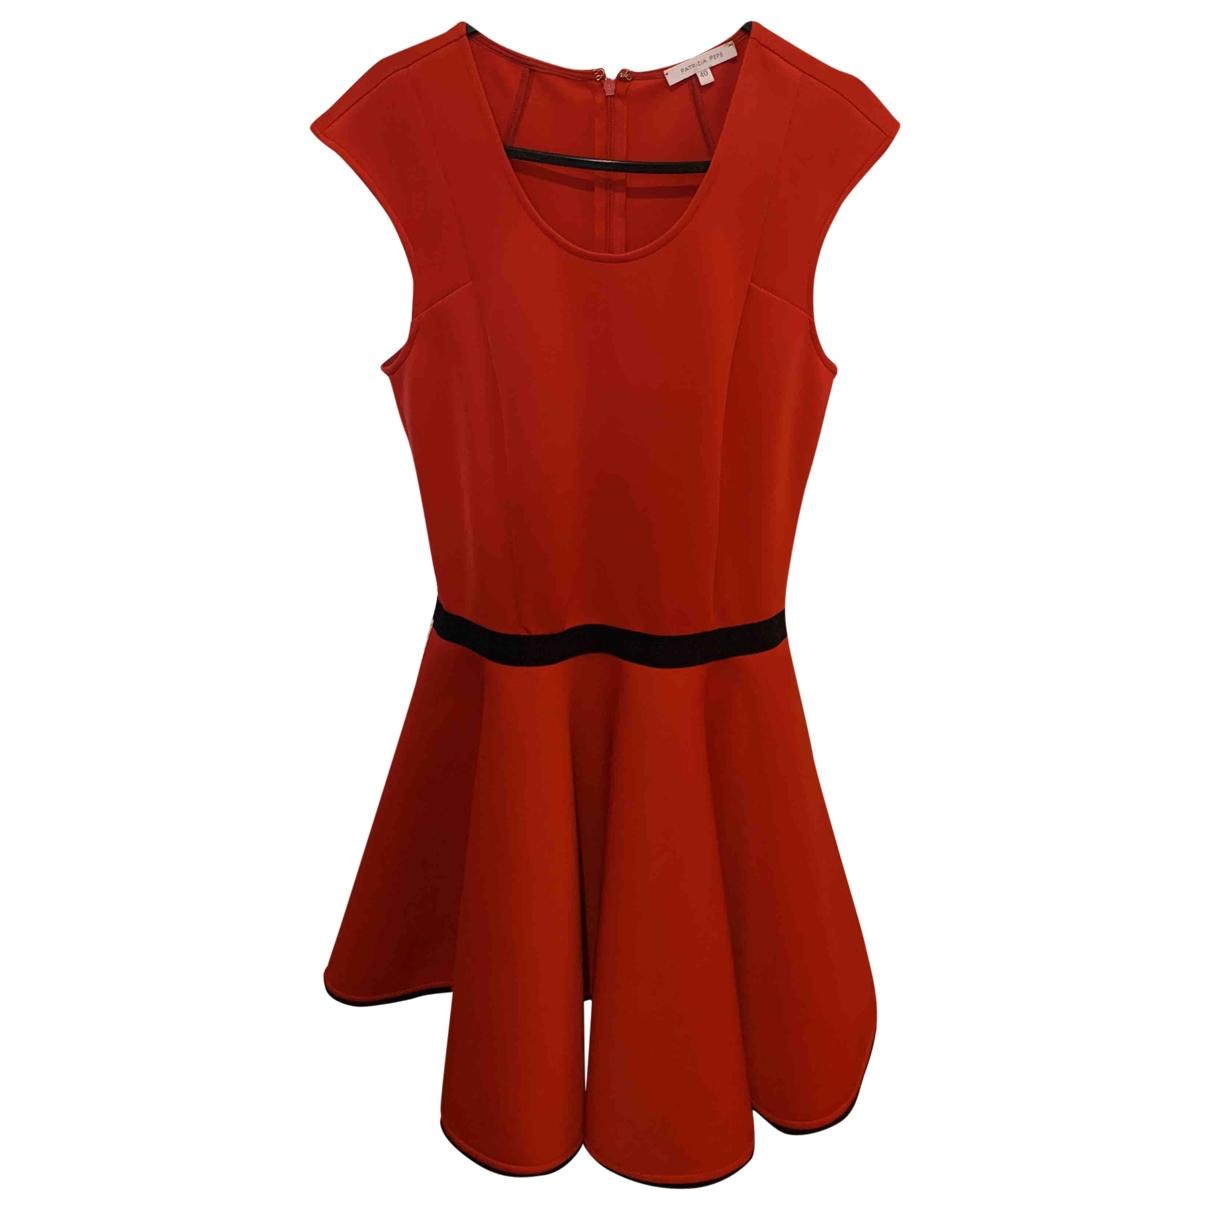 Patrizia Pepe \N Kleid in  Rot Baumwolle - Elasthan